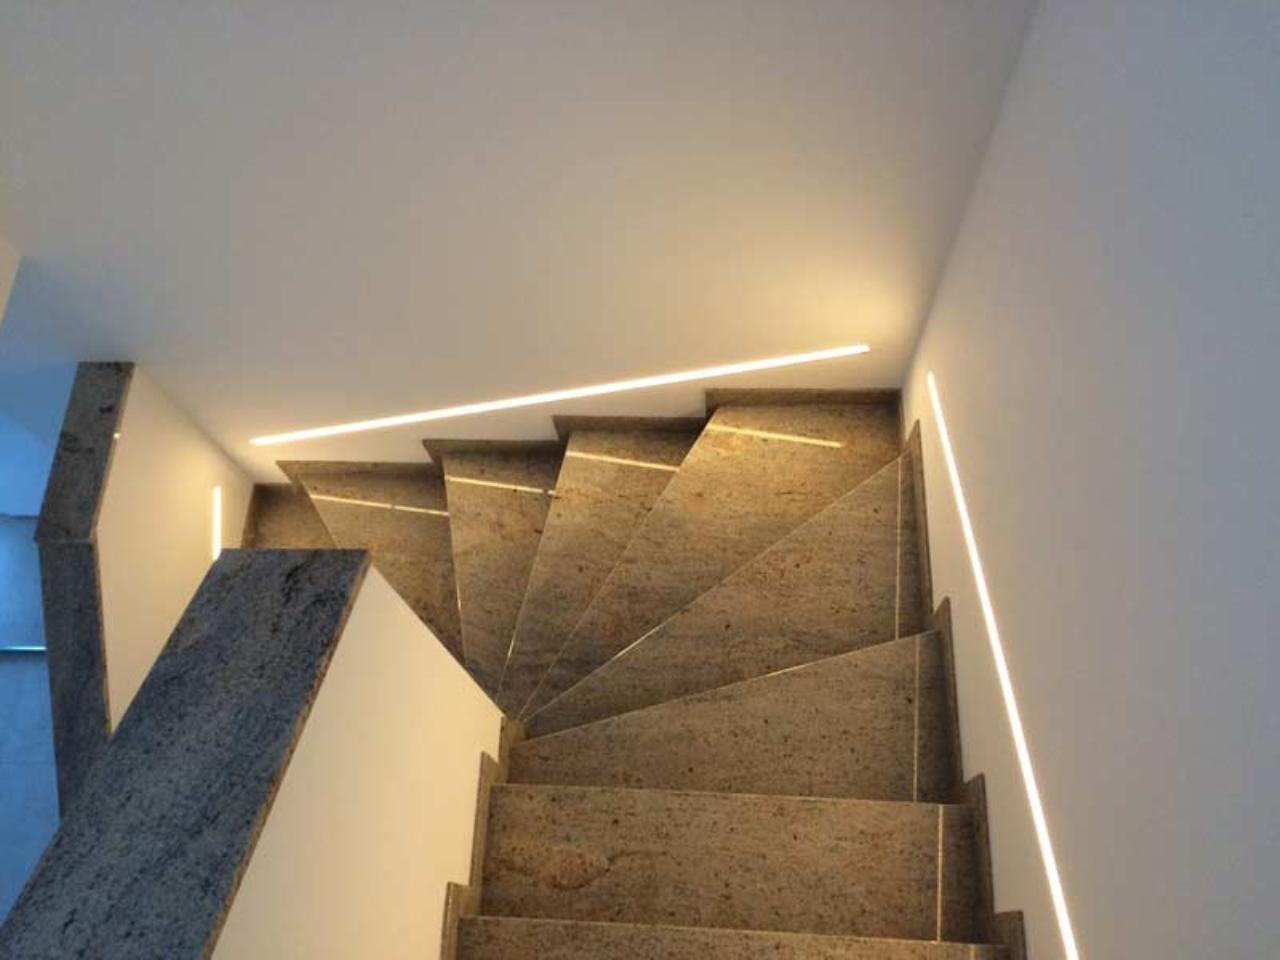 Einbauspots Als Treppenbeleuchtung Bauforum Auf Energiesparhaus At